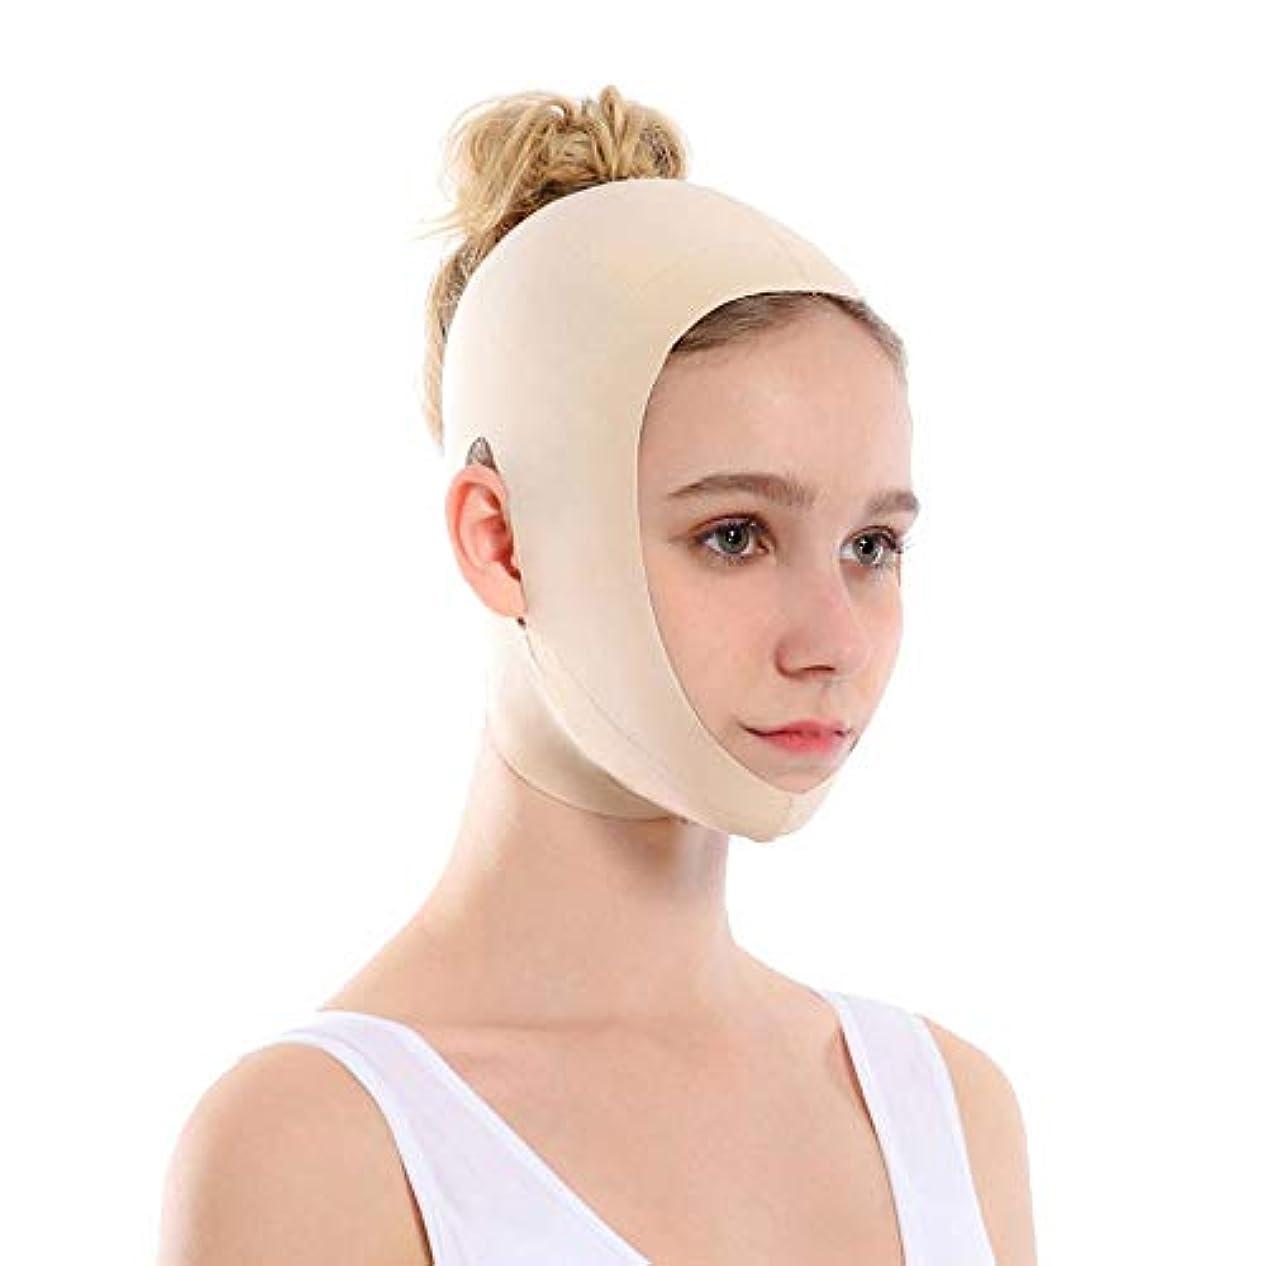 インスタントカール湿った顔を持ち上げるアーティファクトVフェイス包帯リフティング引き締め睡眠薄い顔を整形持ち上げる顔を二重あご矯正 - 肌の色